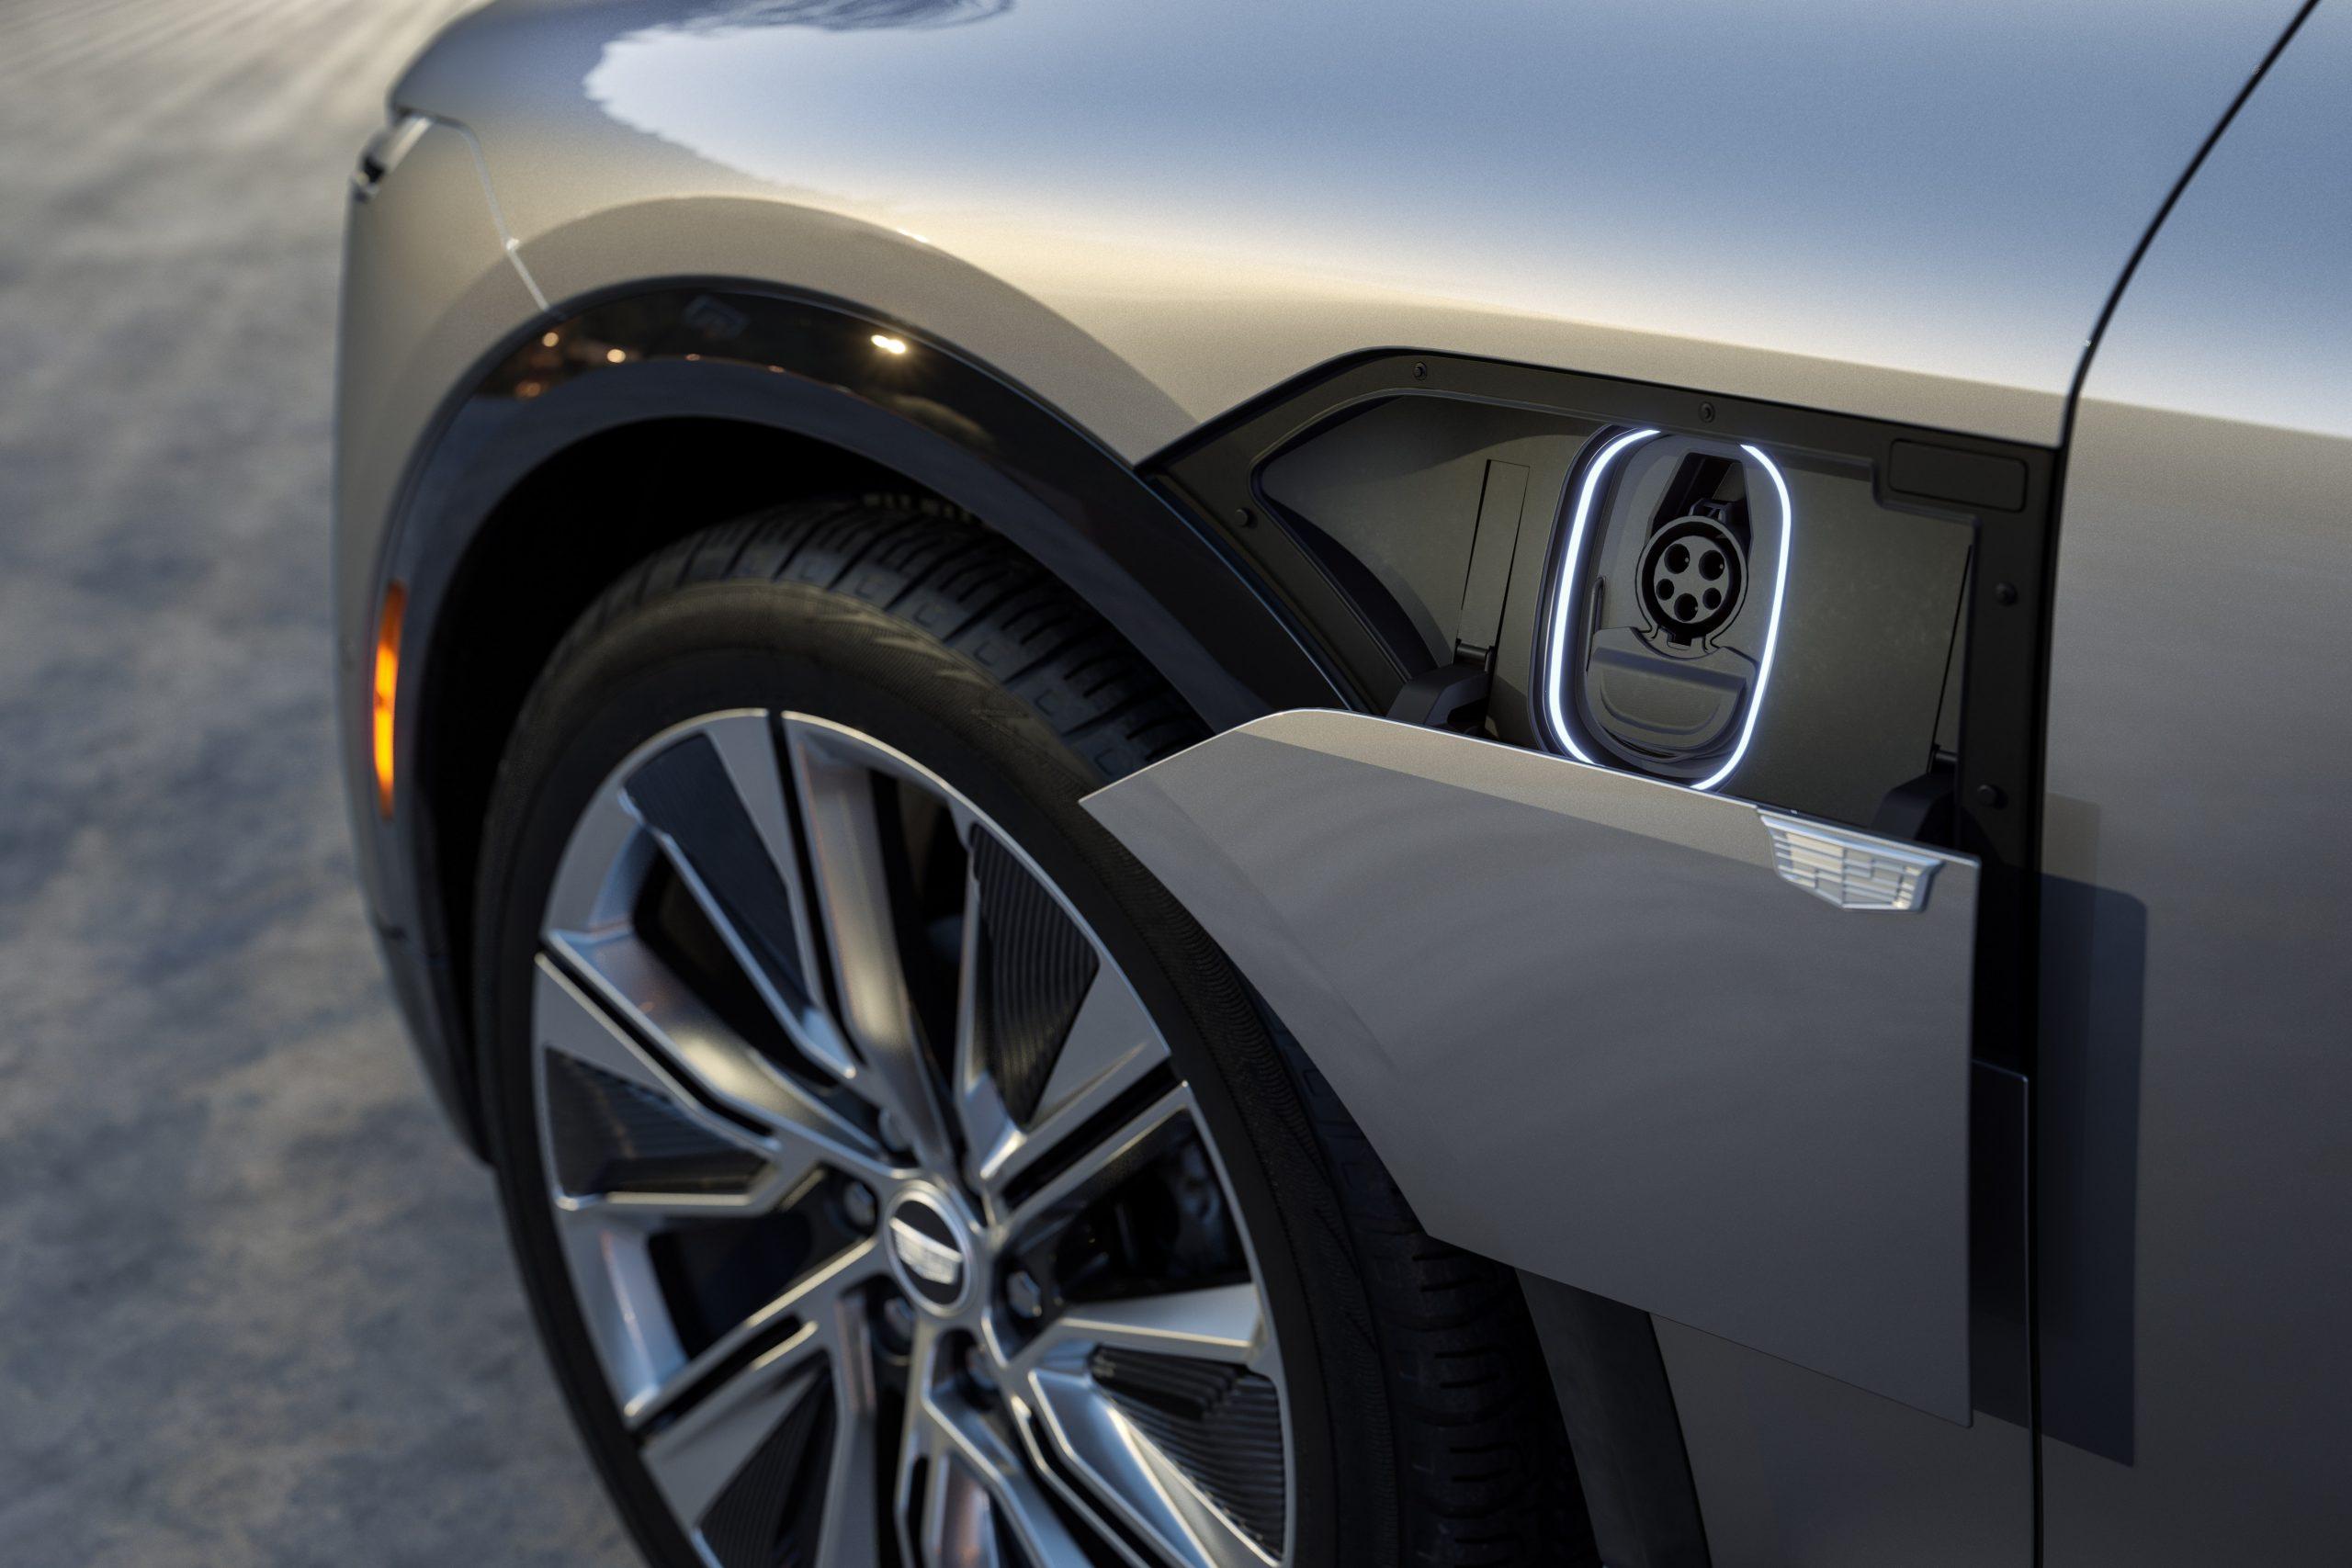 2023 Cadillac LYRIQ charging port